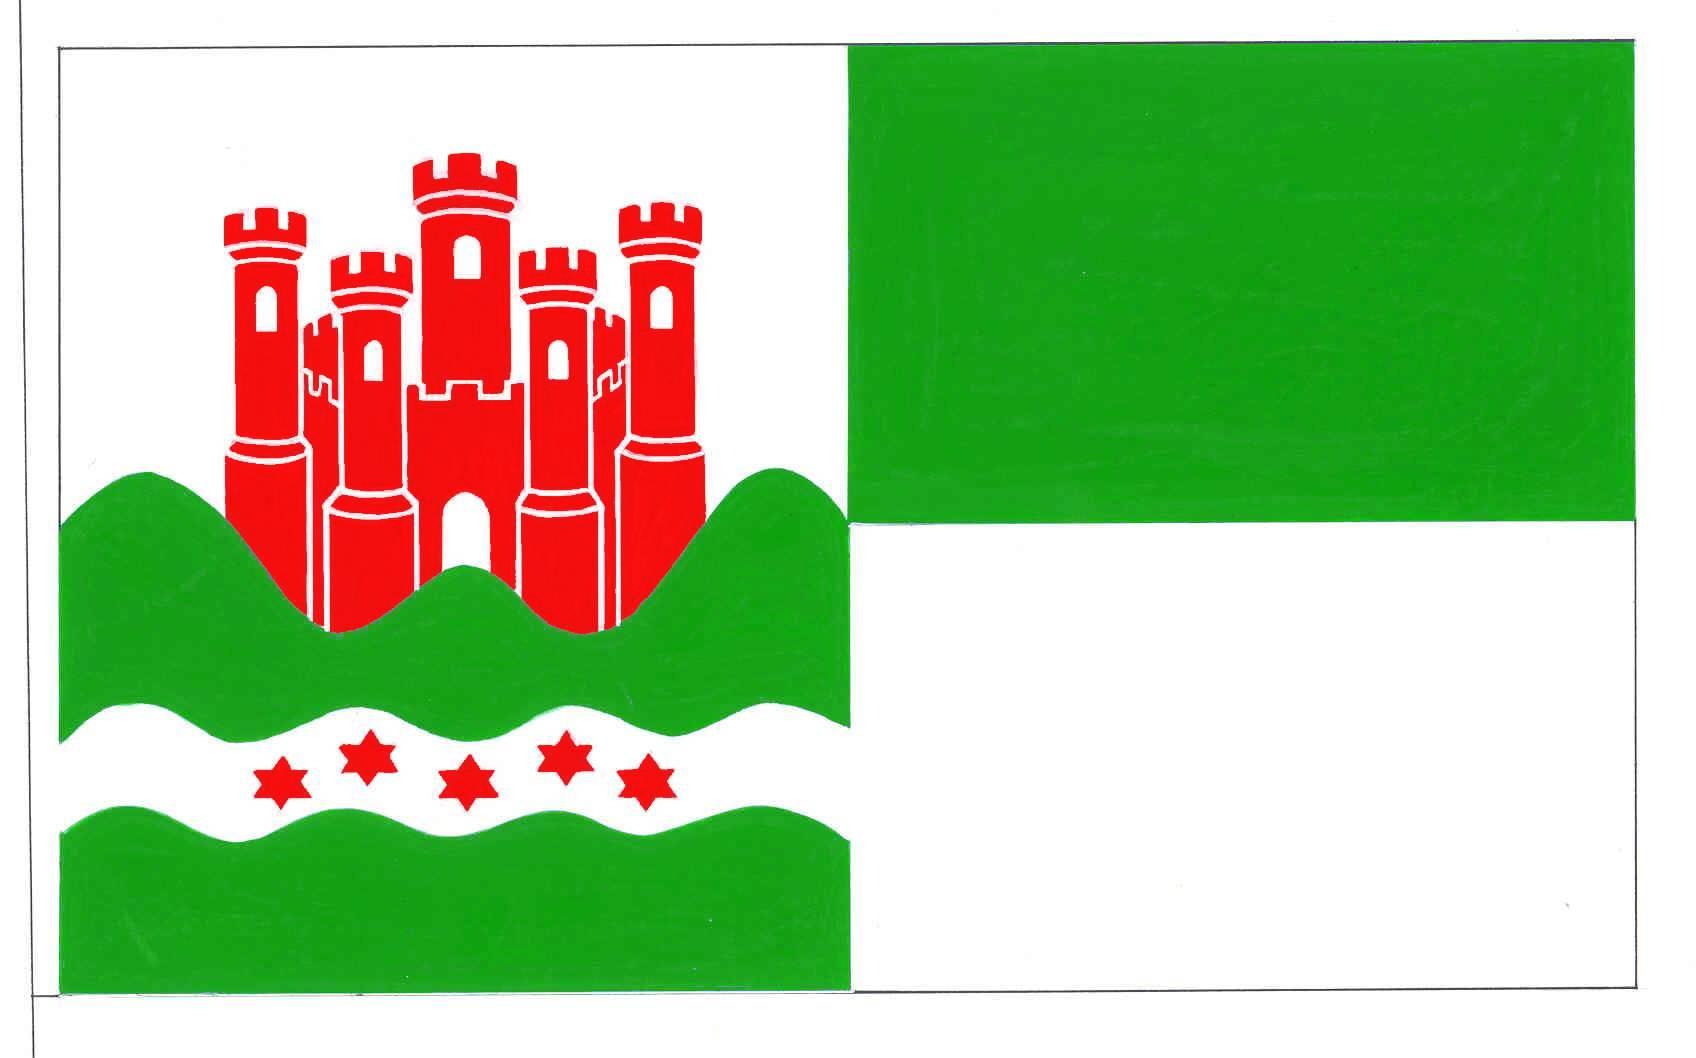 Flagge StadtMeldorf, Kreis Dithmarschen